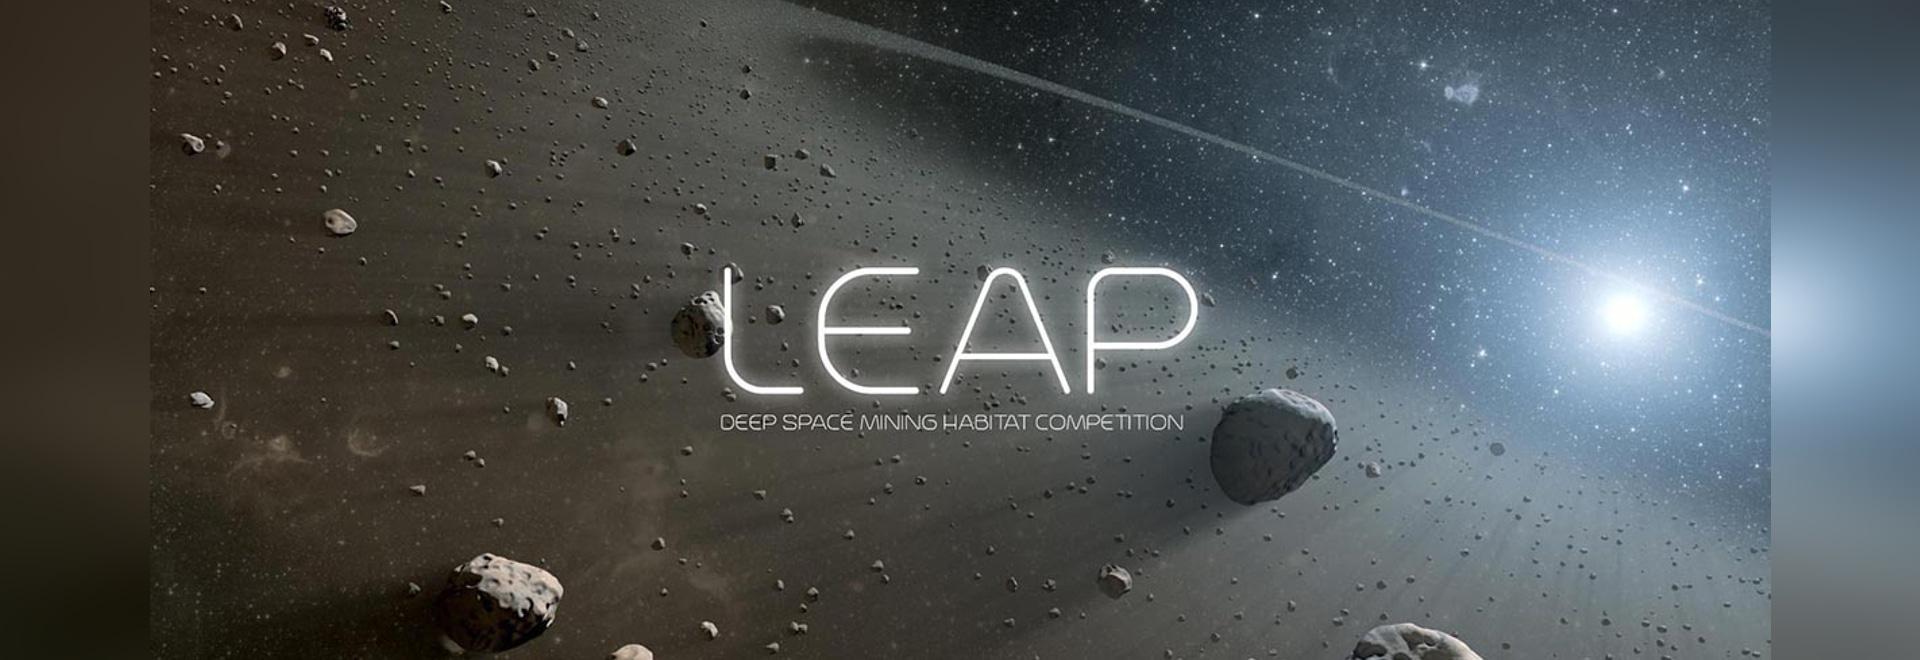 La concorrenza: Leap - Concorso di progettazione habitat spaziale